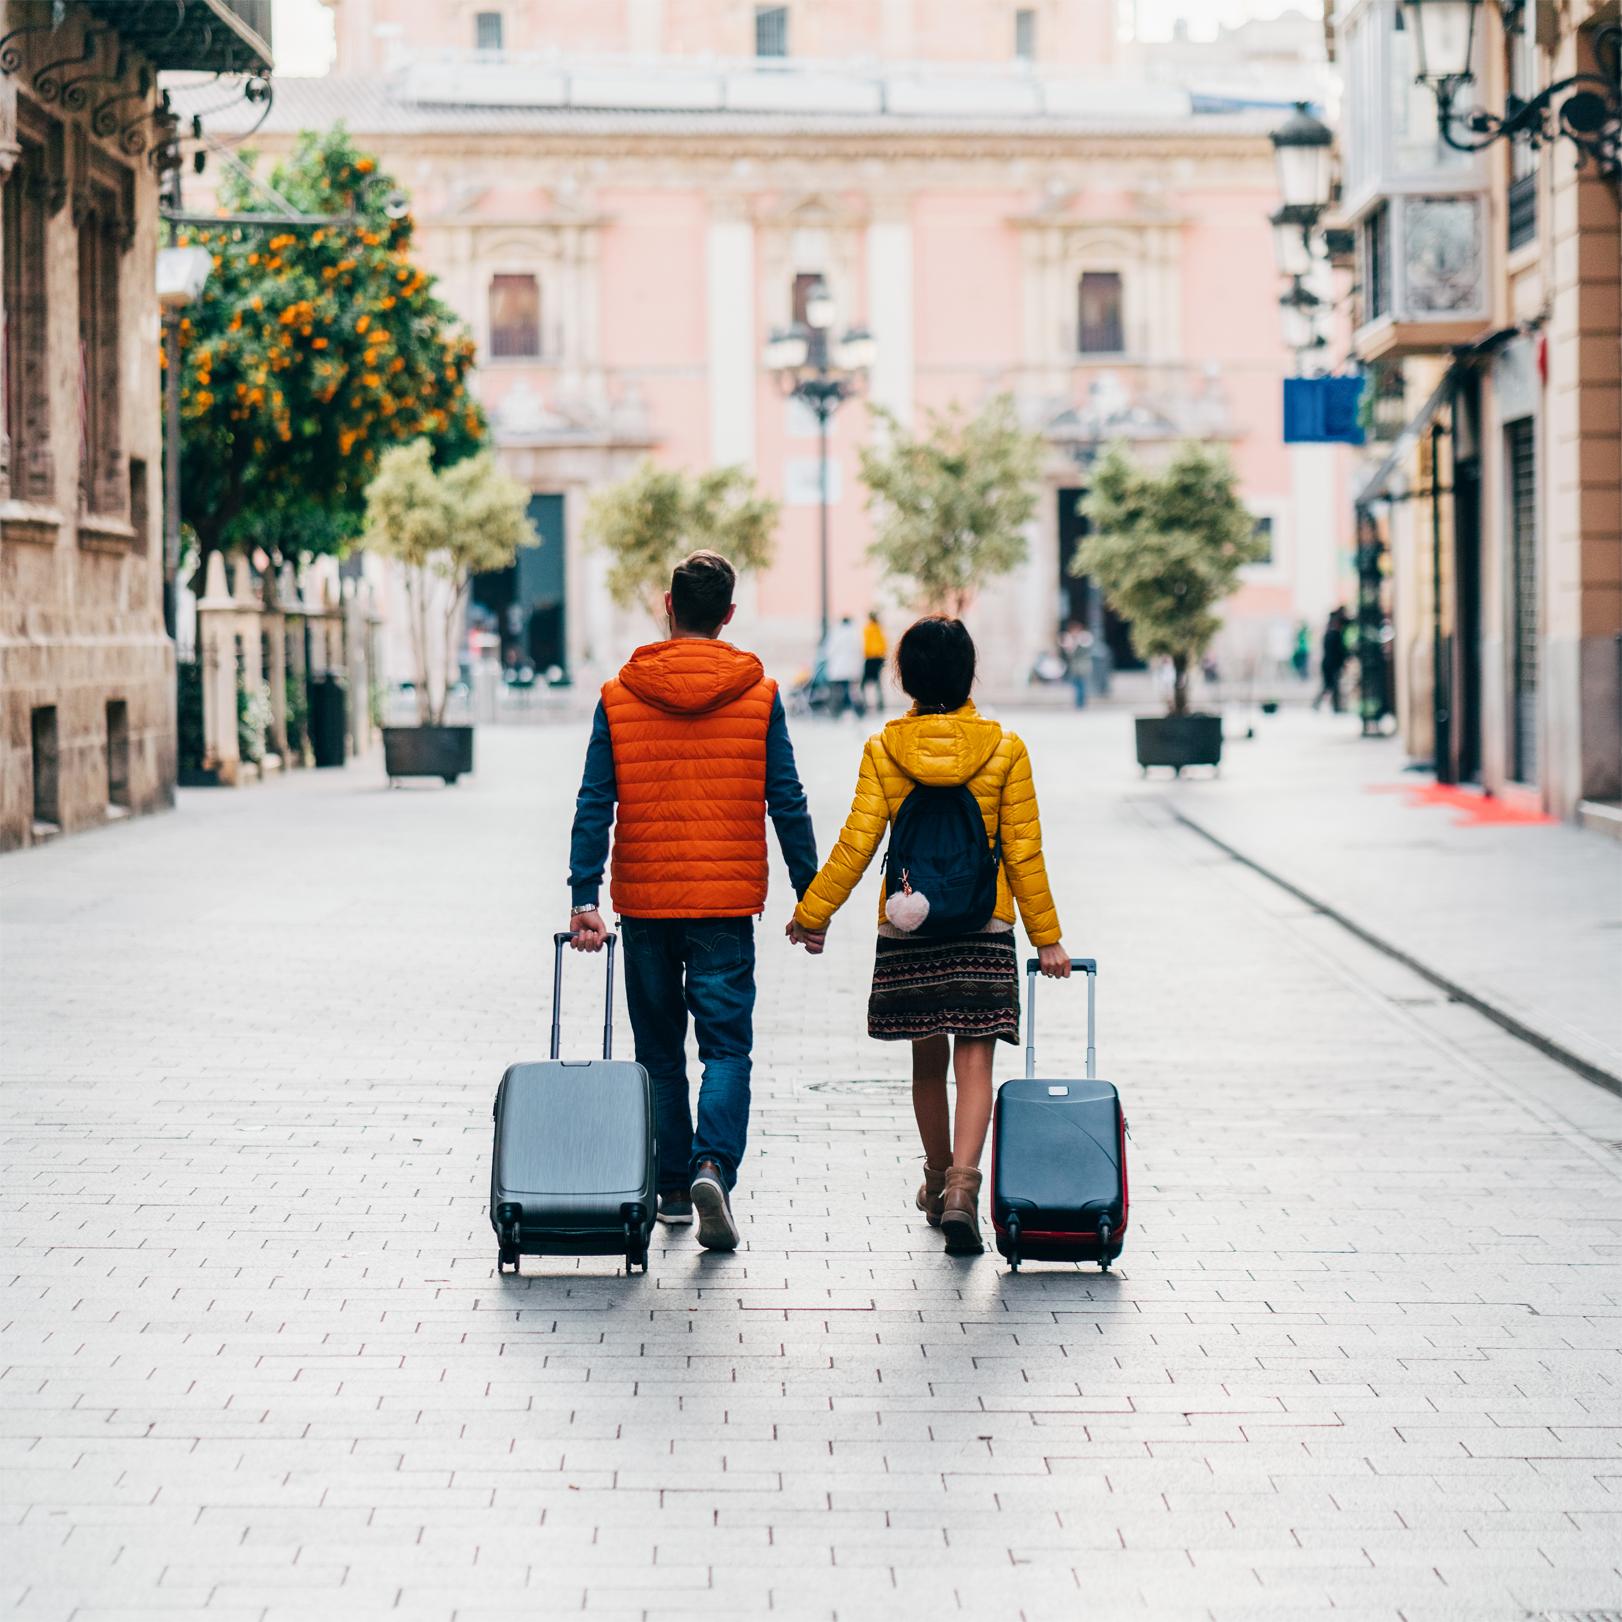 Un hombre y una mujer caminan de la mano por una calle adoquinada mientras jalan de sus maletas con ruedas.